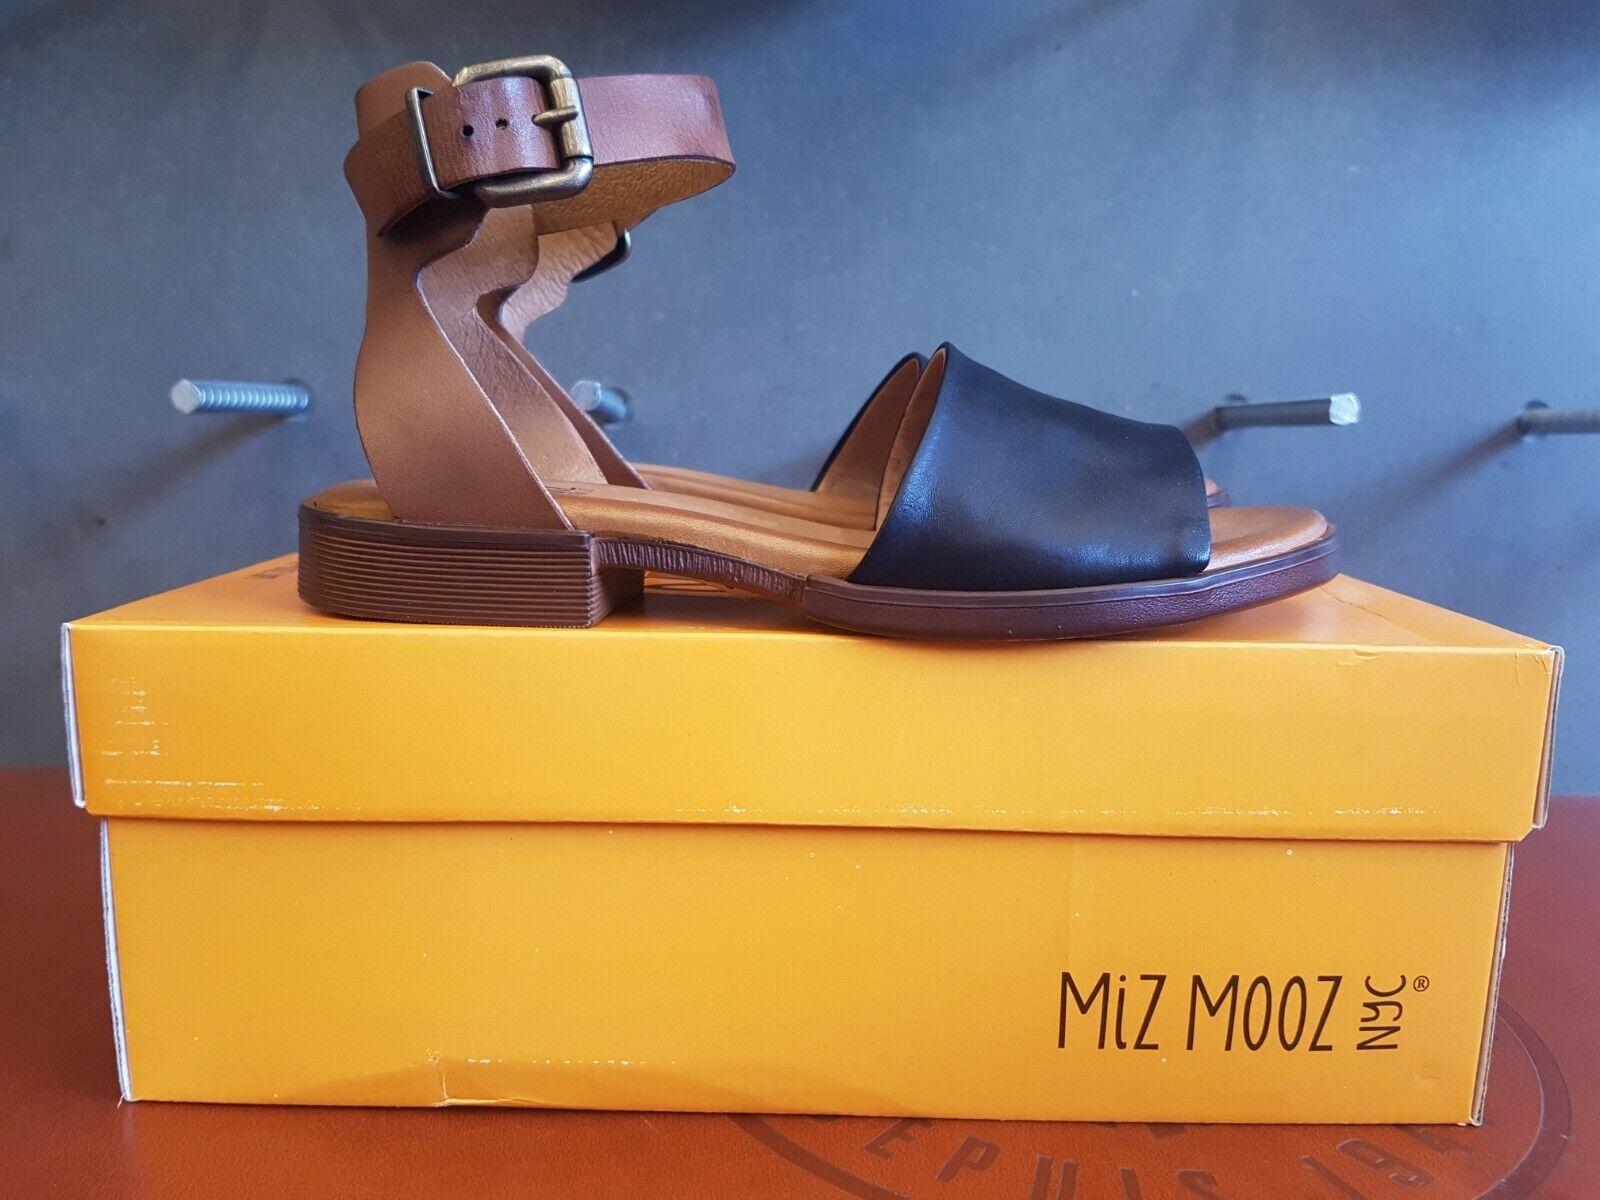 Nuevo en la caja Miz Mooz Moore Portugal Sandalias de cuero negro hecho a mano para mujeres